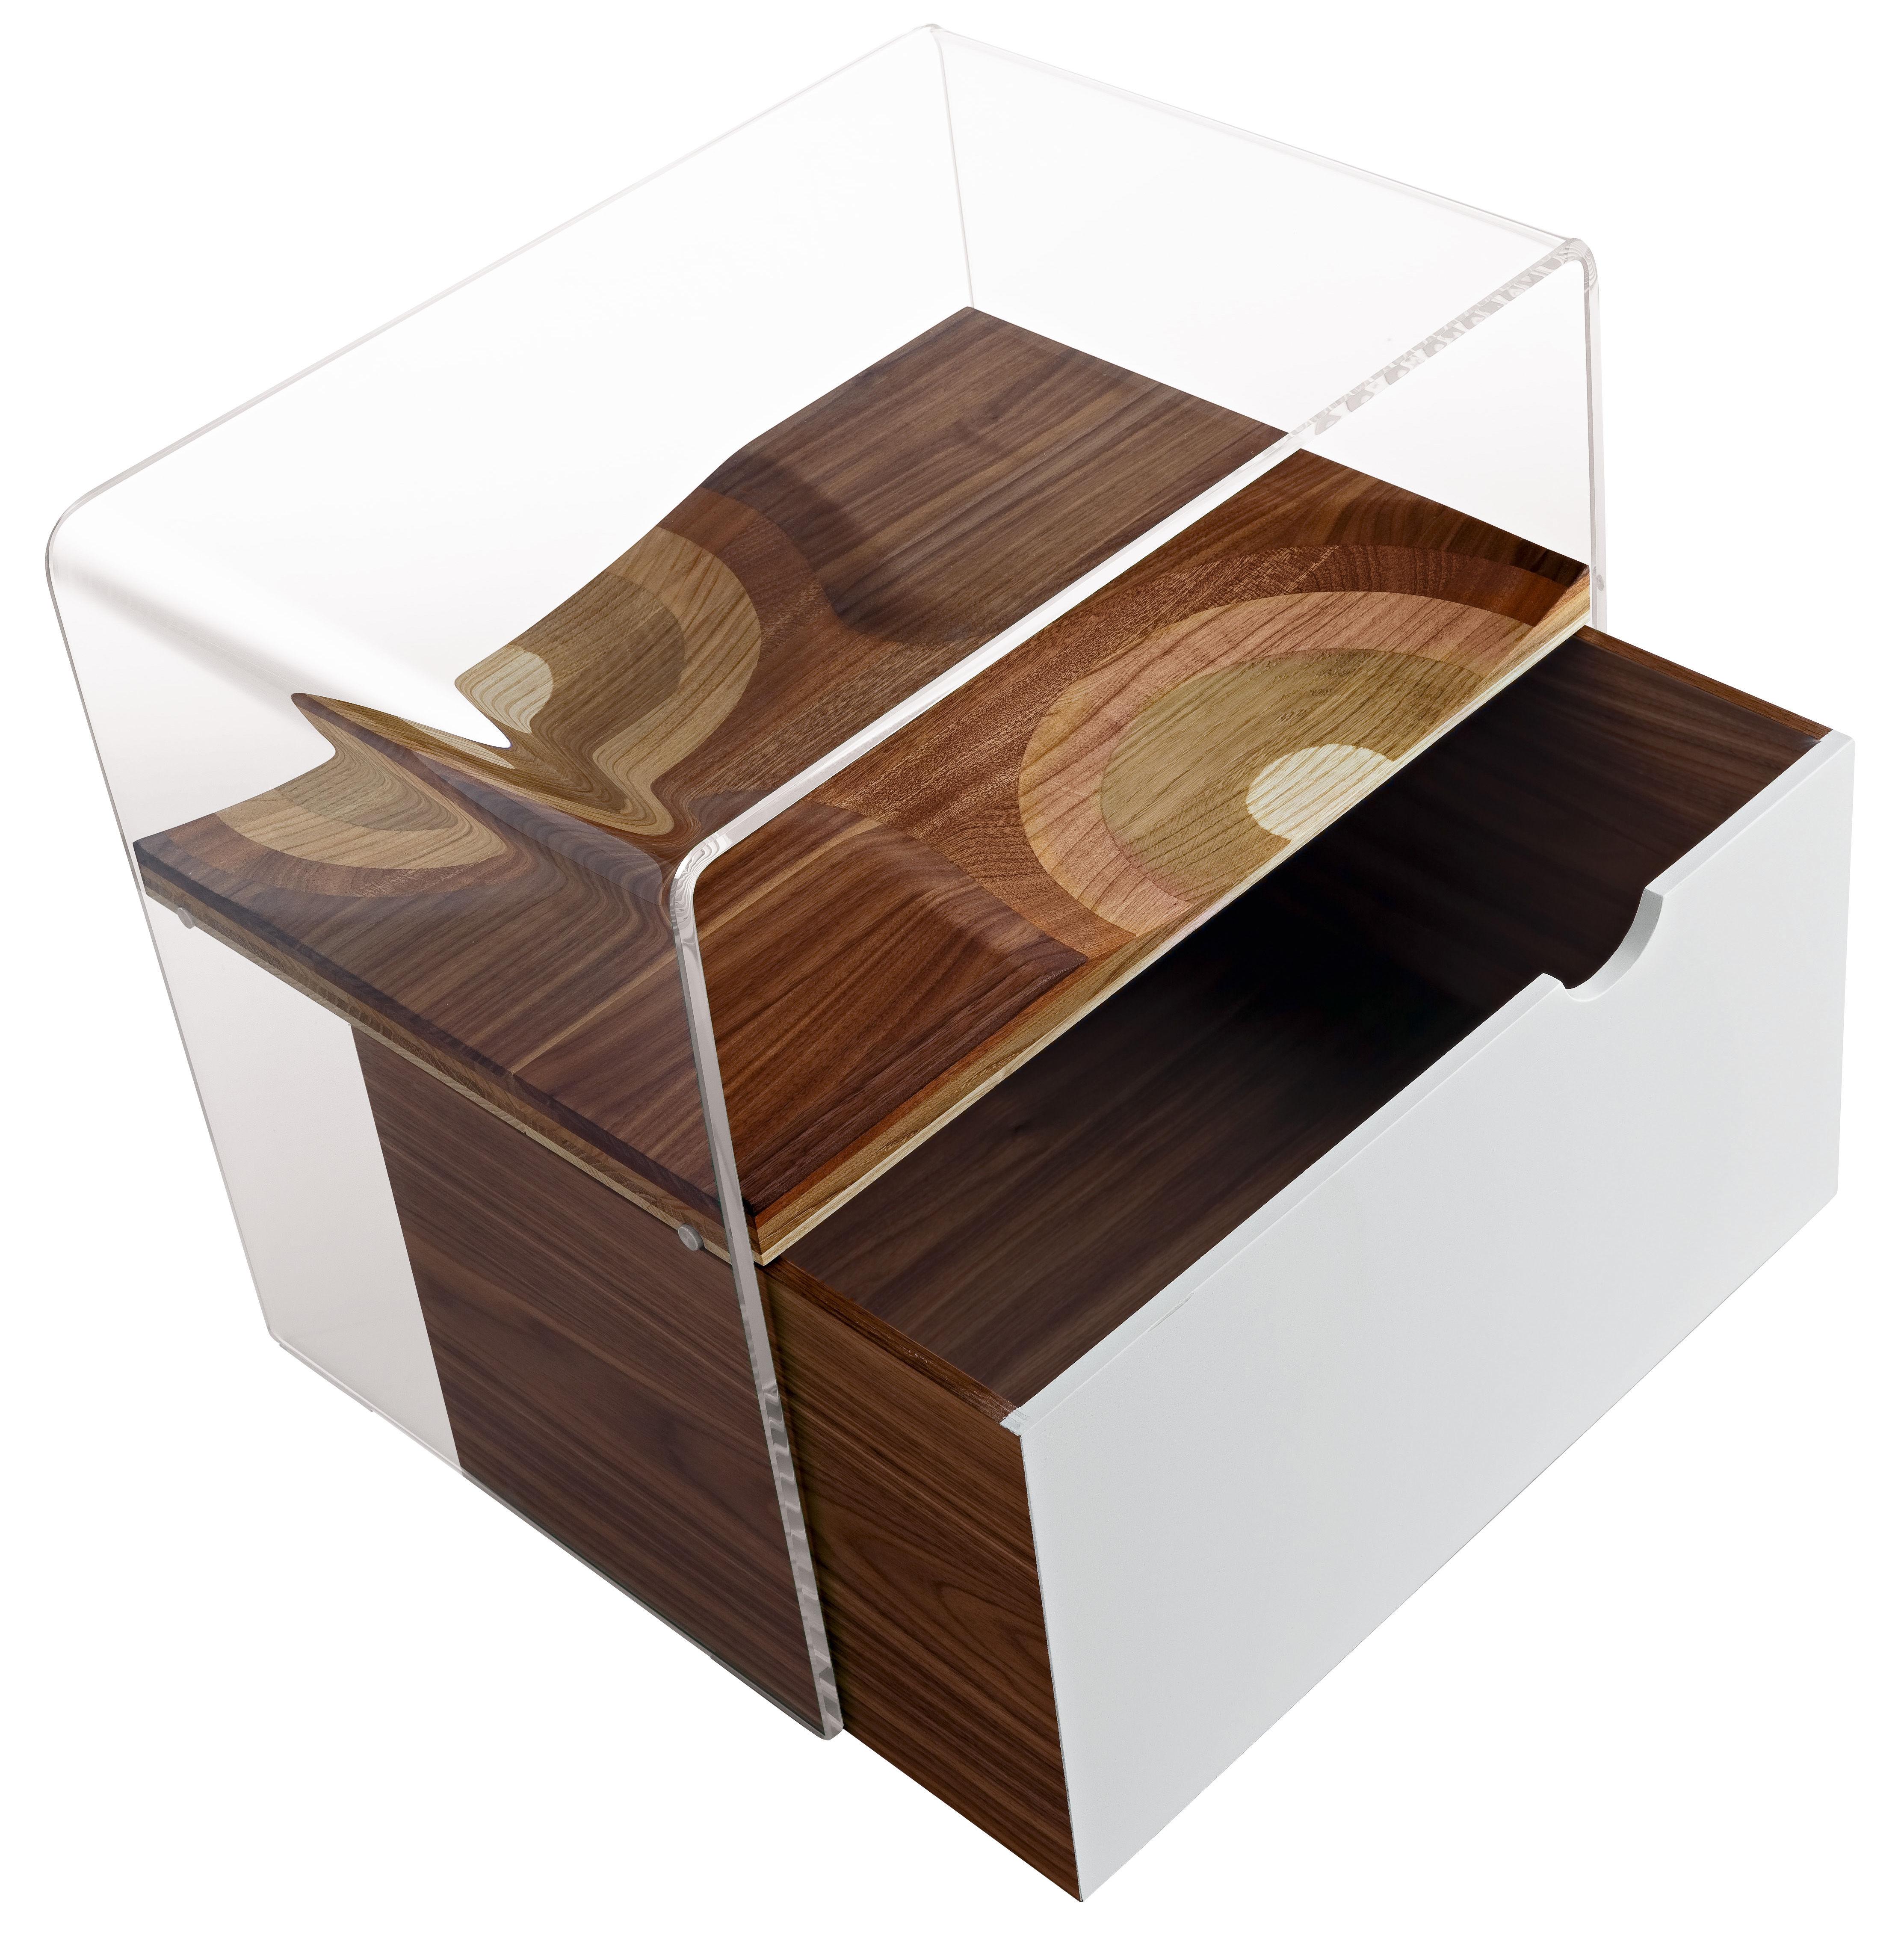 f r nachttischchen bifronte horm tiroir. Black Bedroom Furniture Sets. Home Design Ideas